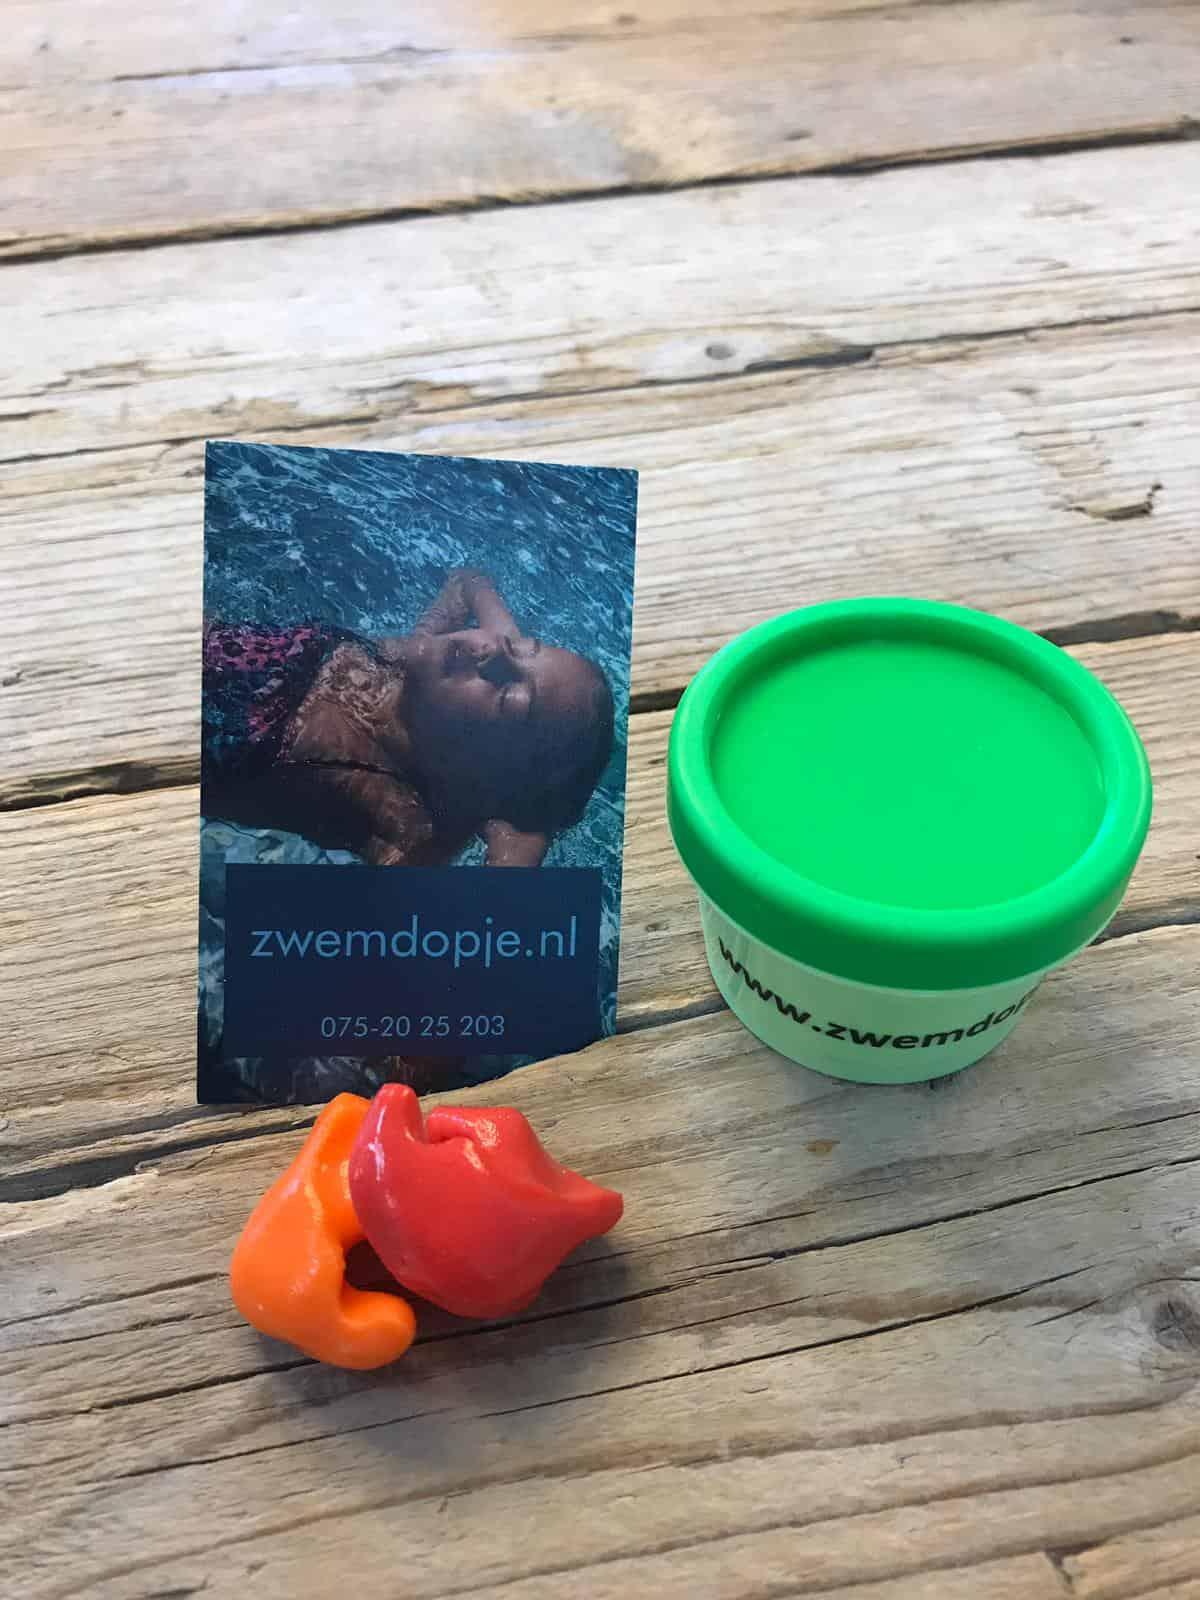 gekleurde zwemdoppen van zwemdopje.nl